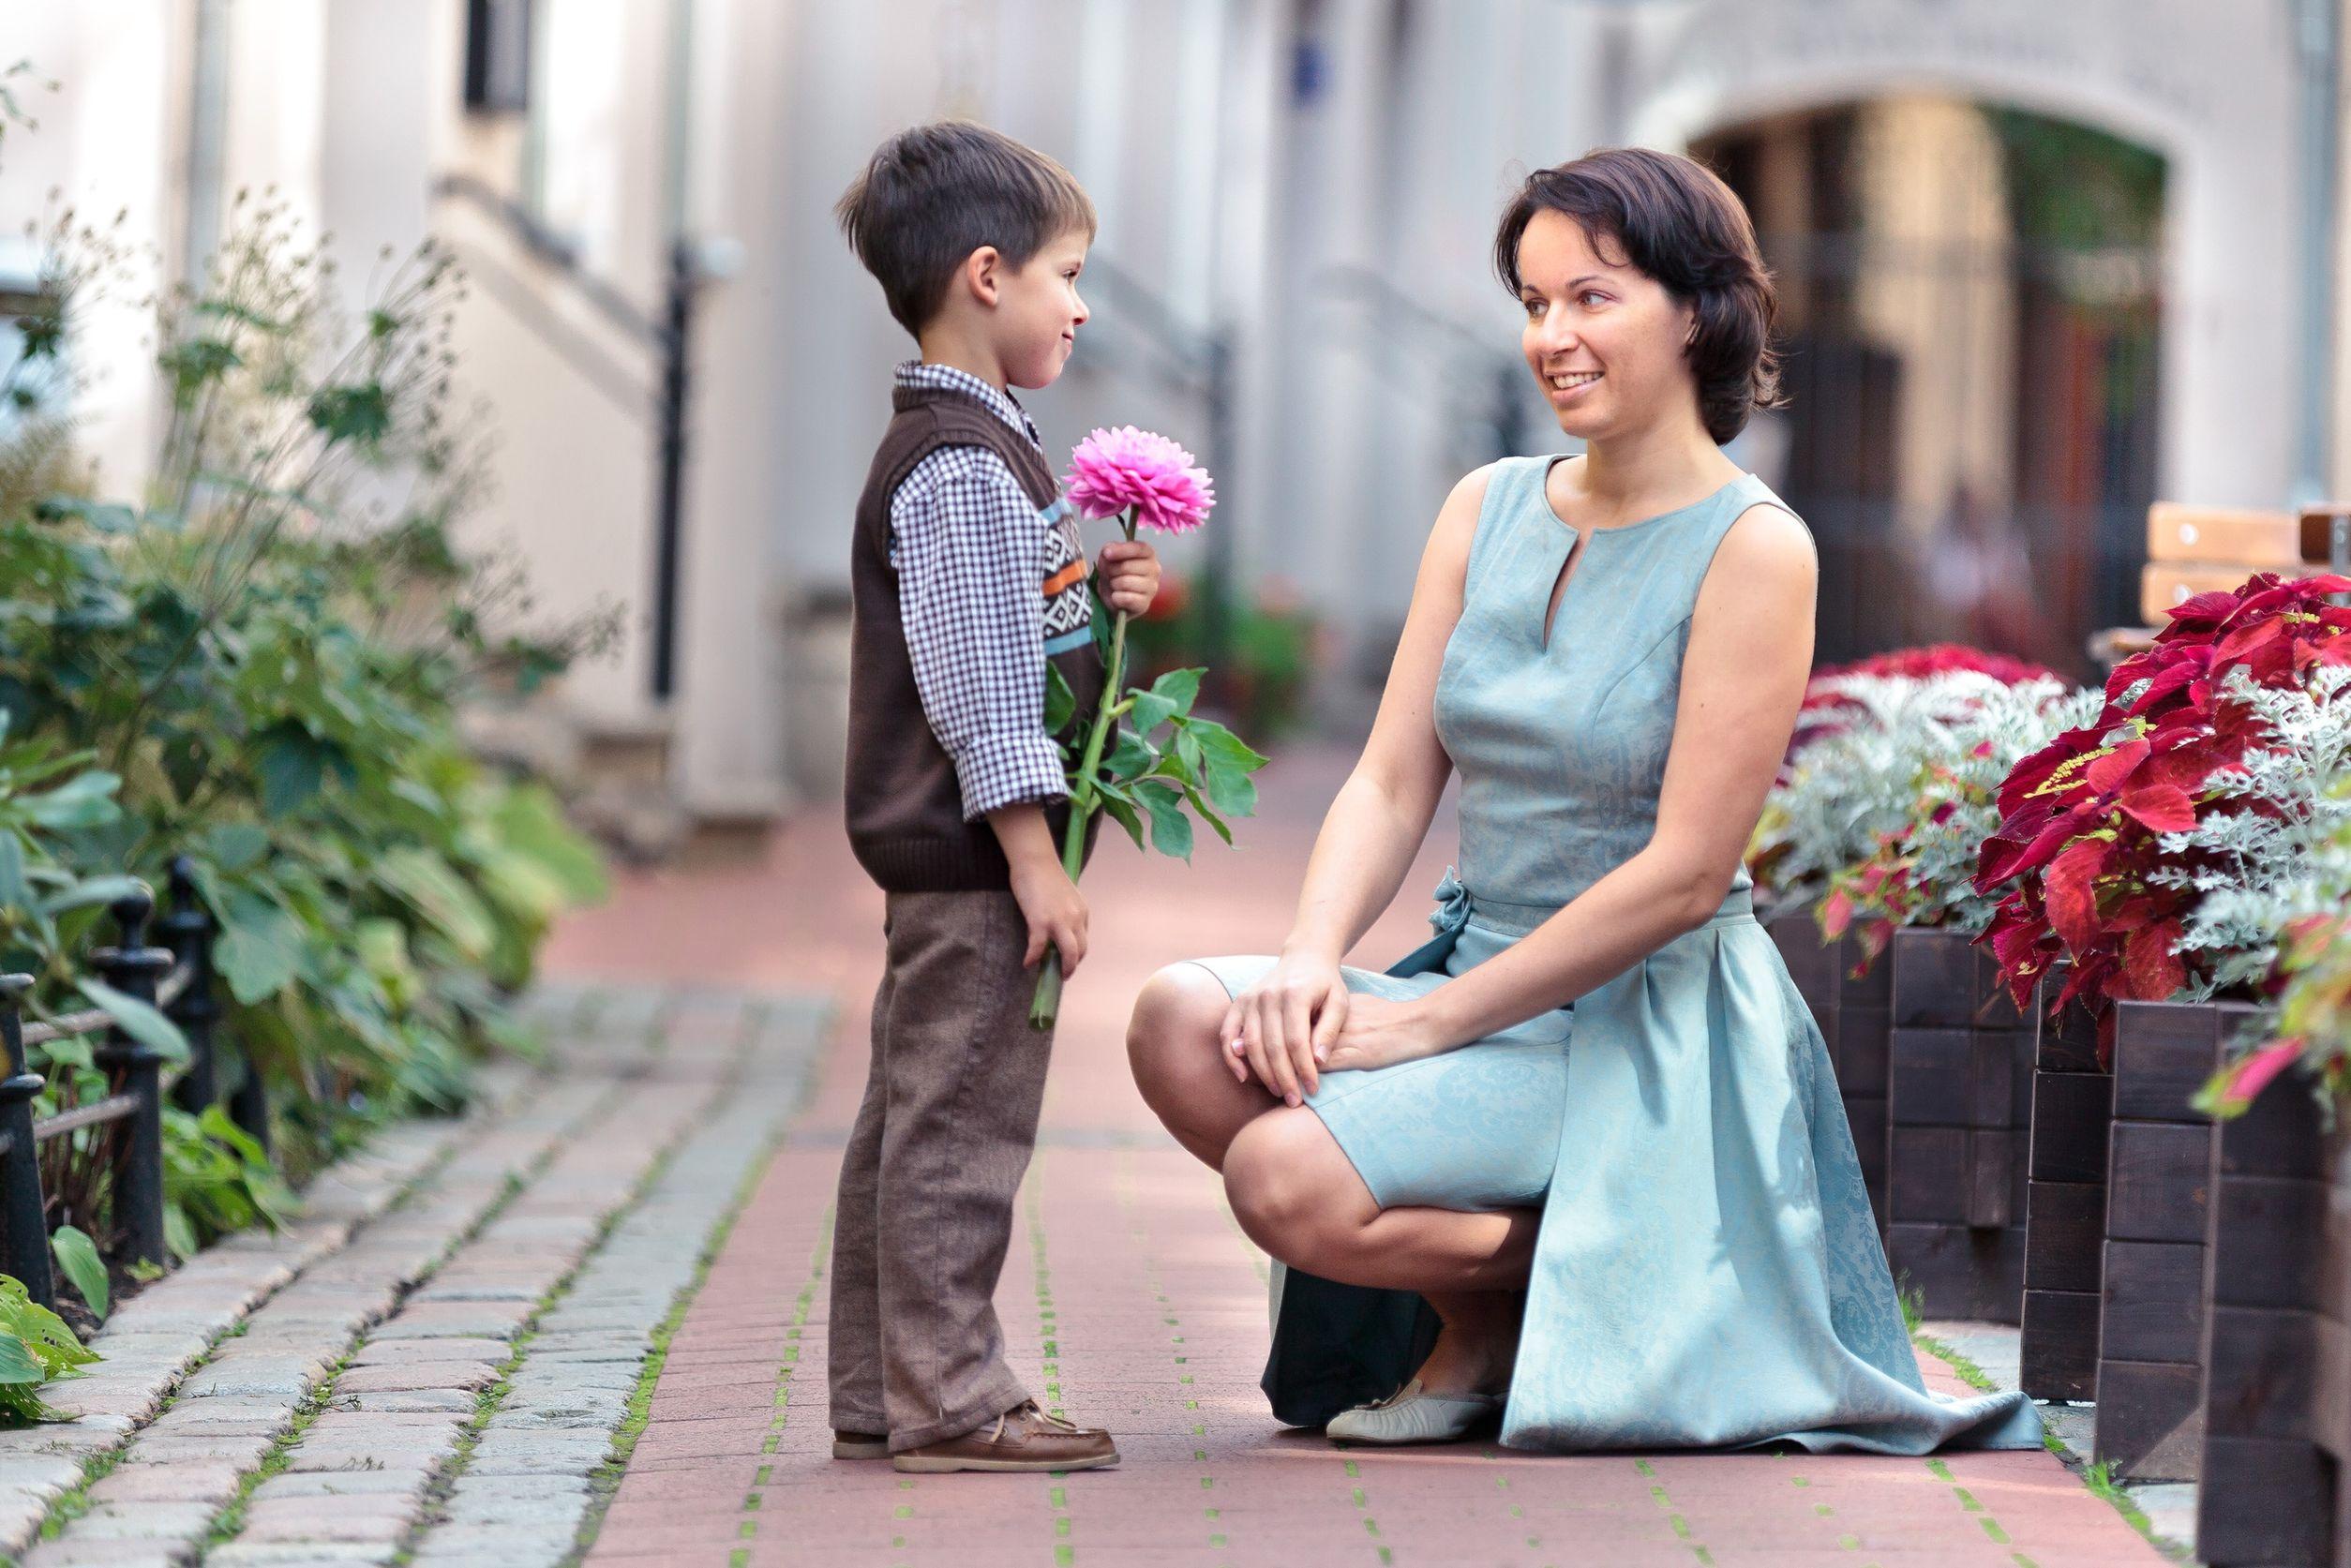 С «прицепом»: честный опрос про женщин с детьми